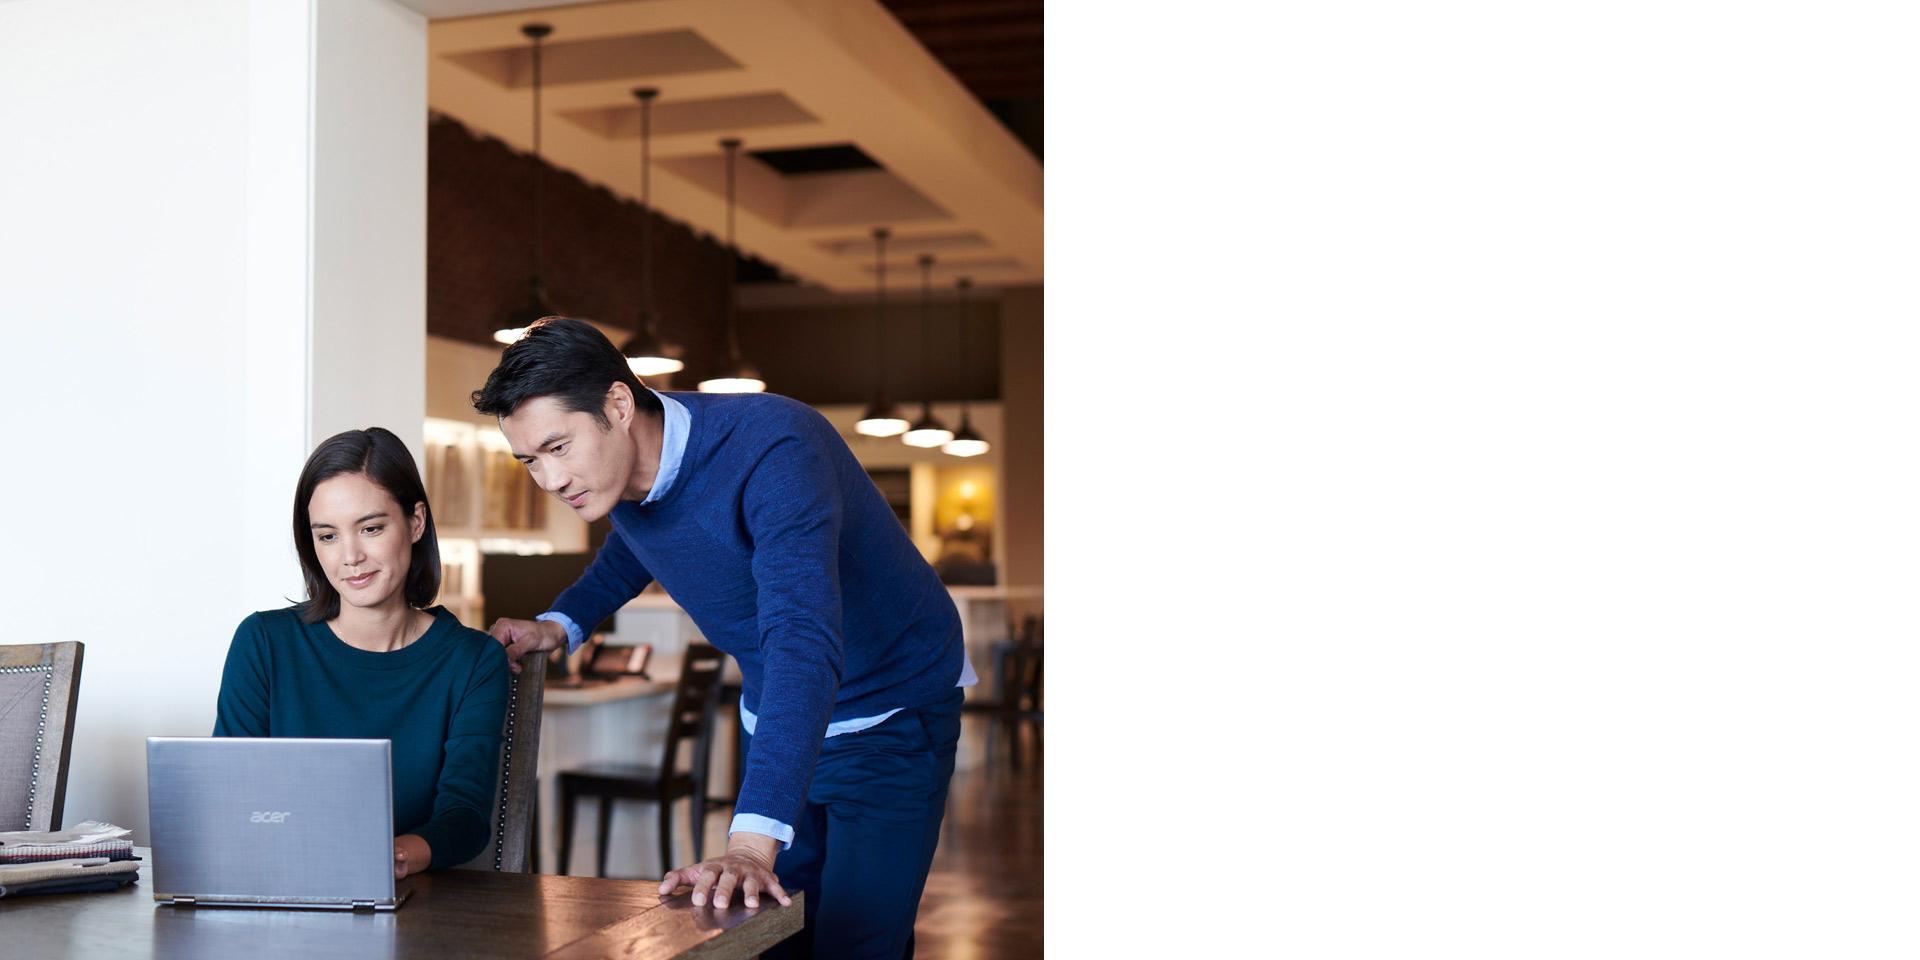 Un homme qui regarde un ordinateur portable au-dessus de l'épaule d'une femme